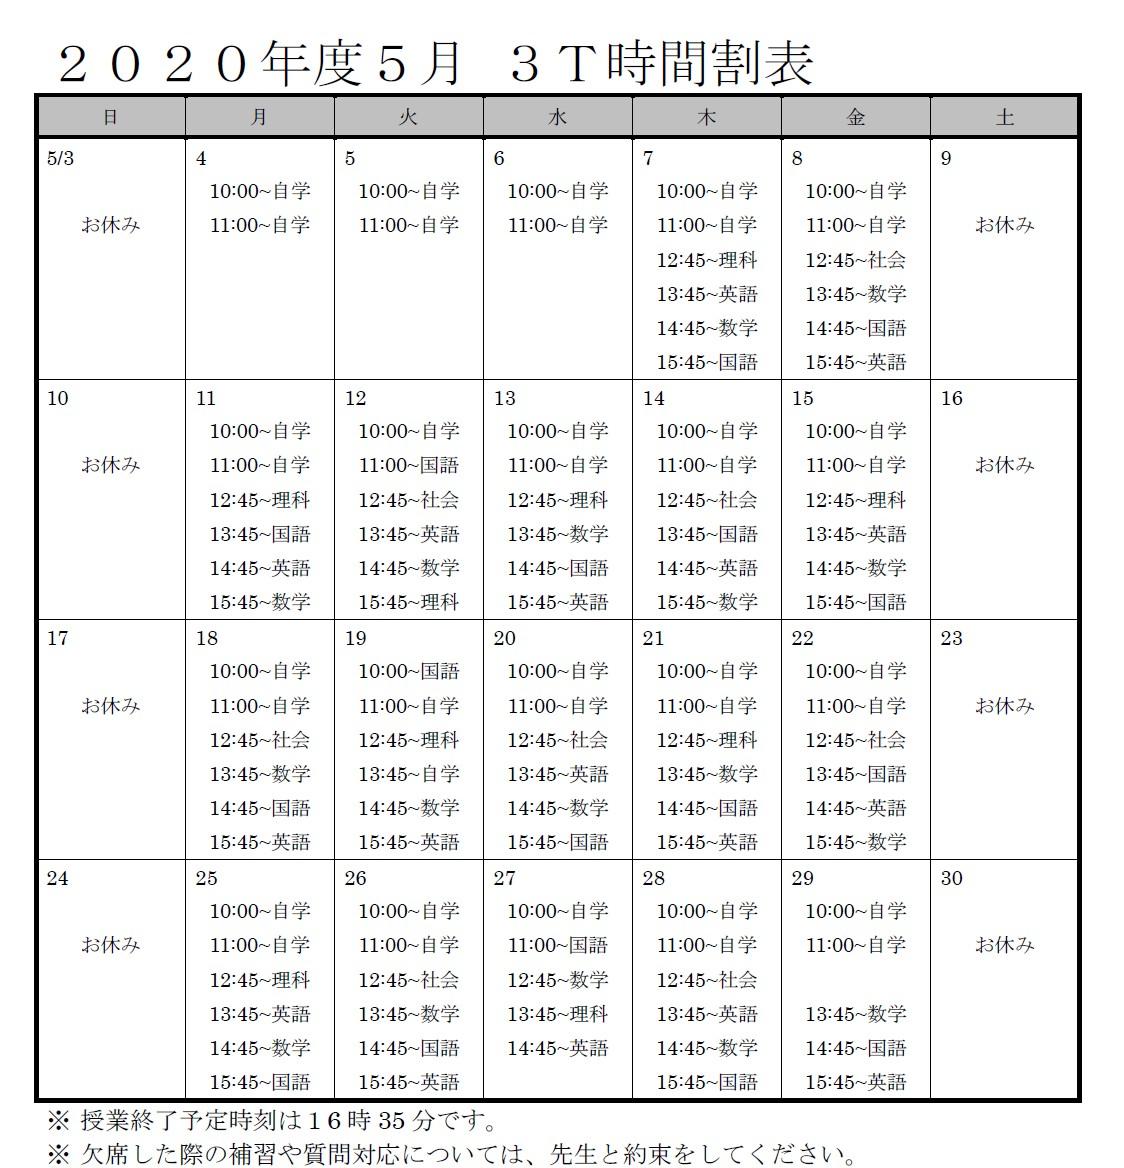 f:id:MiyanagaYusuke:20200506112908j:plain